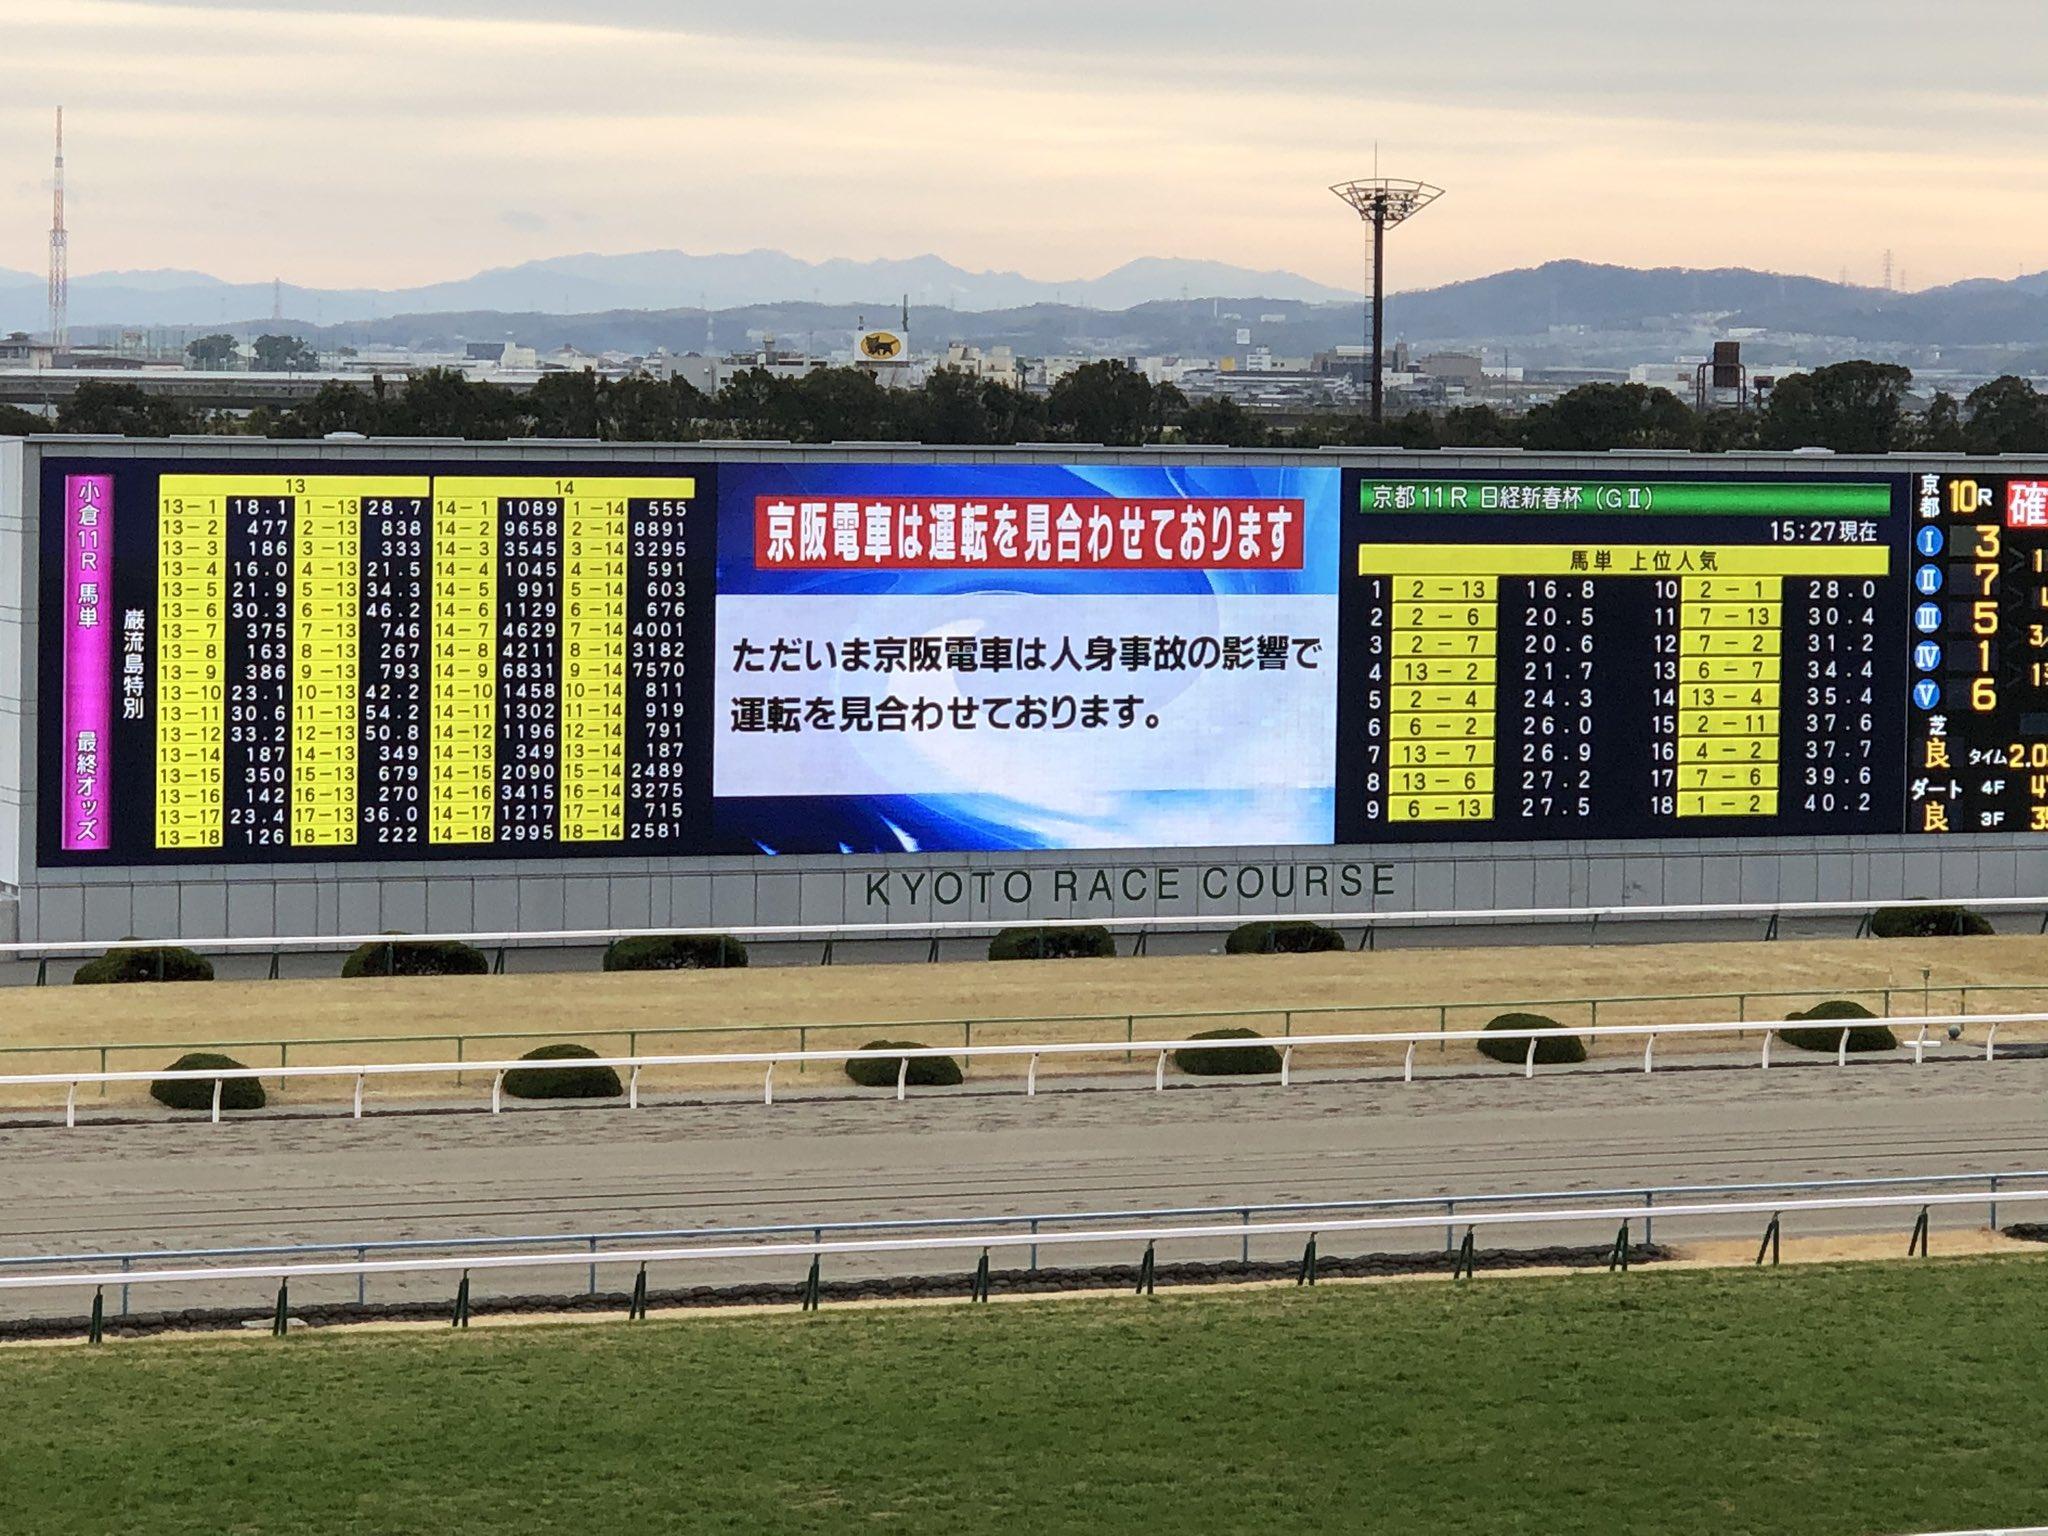 画像,競馬場で人身事故の文字を見る日が来るなんて… https://t.co/EGAon6Rlxj。